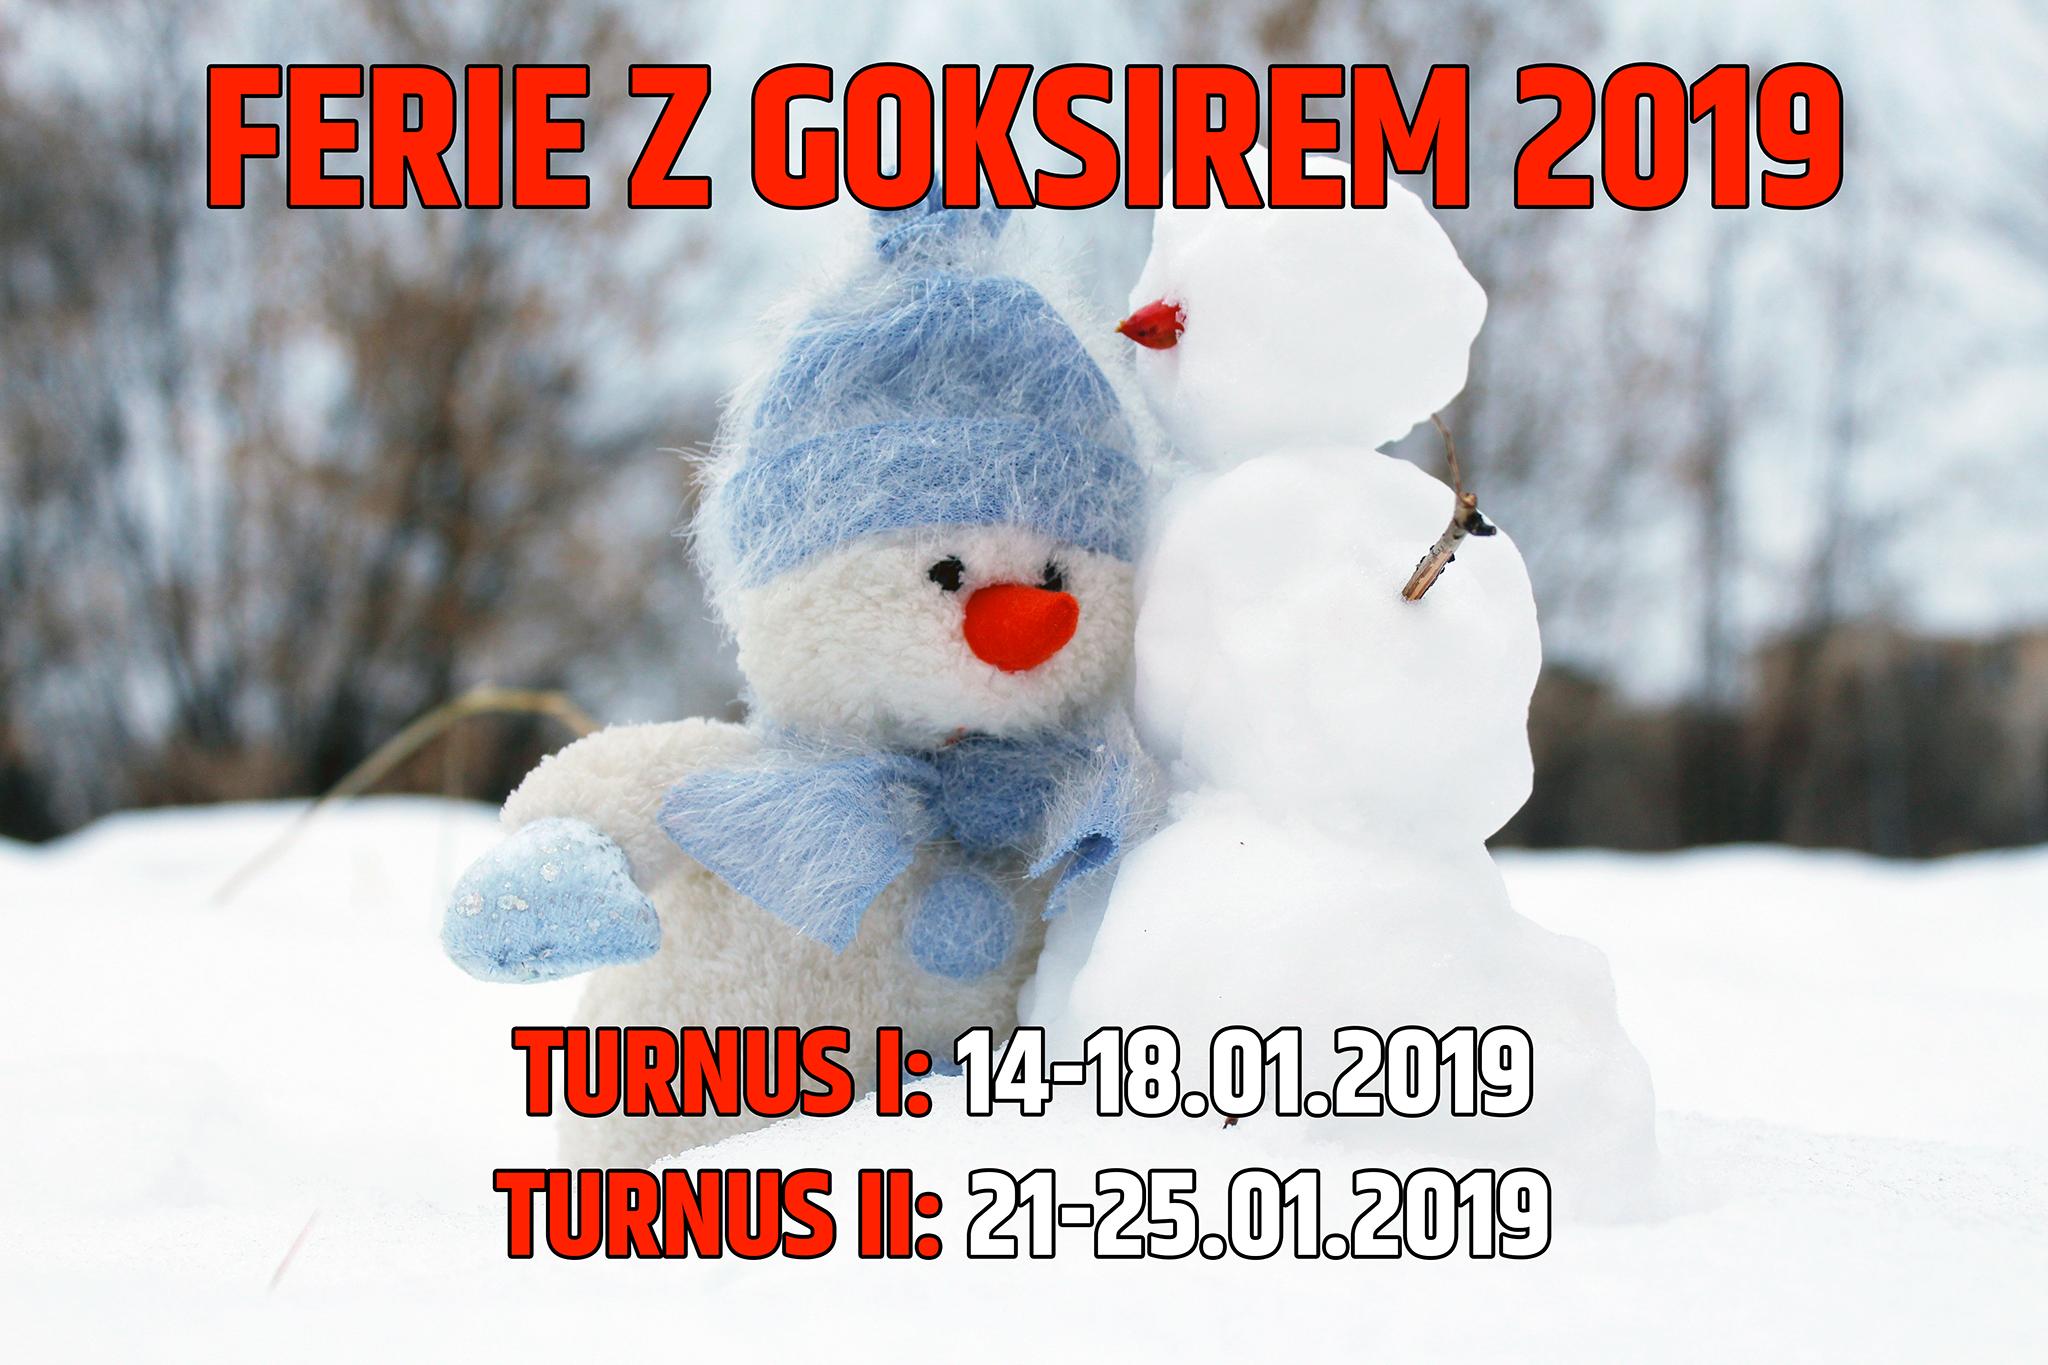 fernie-z-goksirem-2019